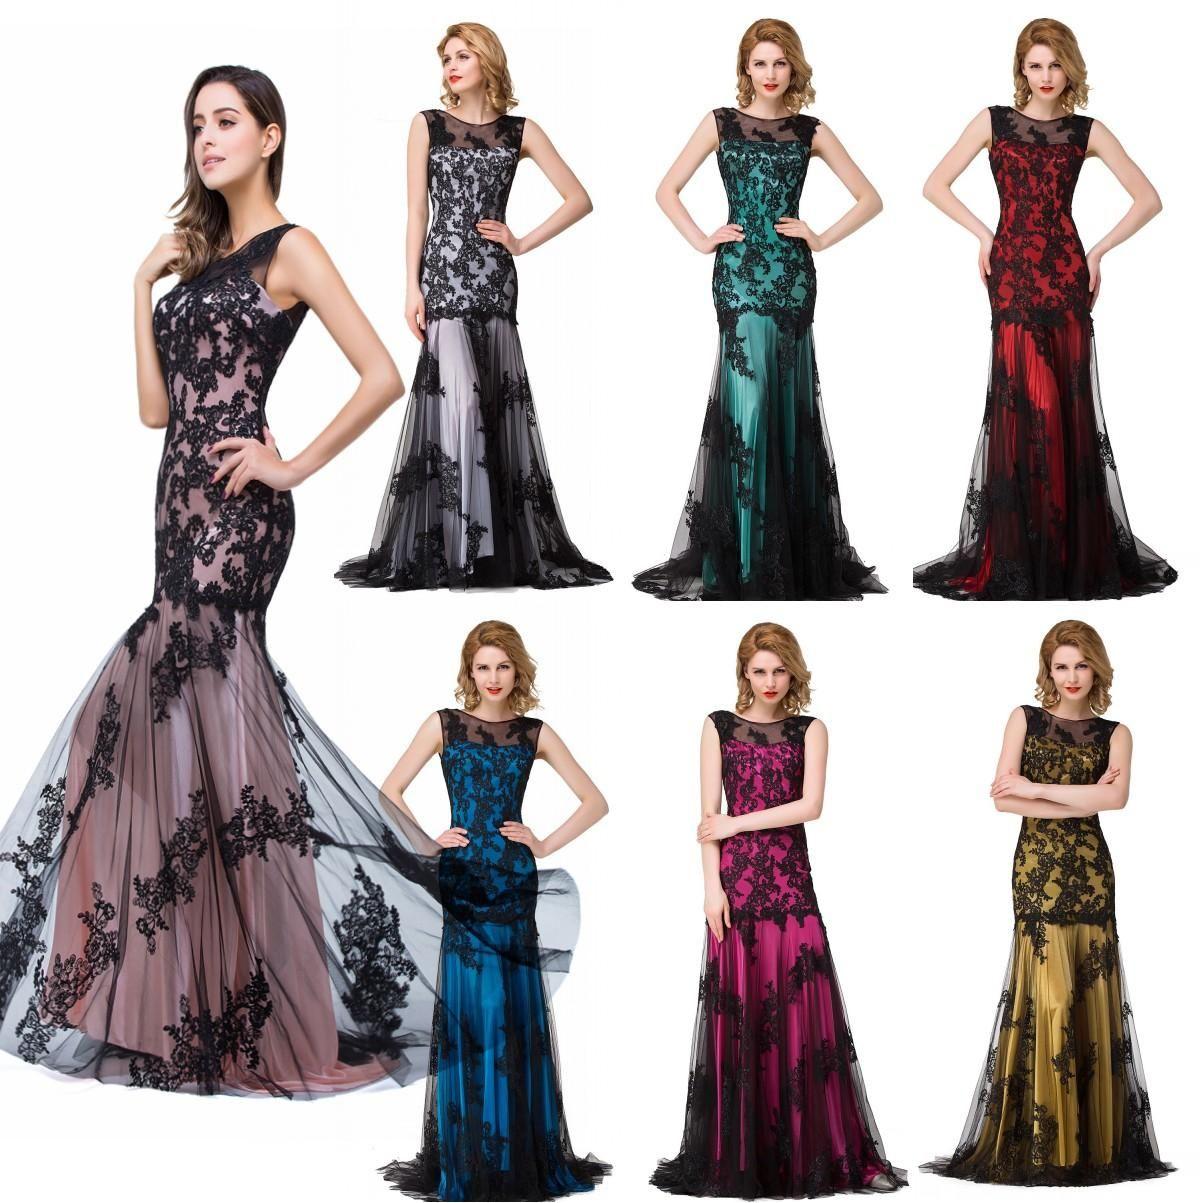 Sexy Räumungs Robe De Soiree Spitze-Nixe-Abschlussball-Kleider Lange Muitl Farben Chiffon Abendkleider Vestido De Festa Longo Cps015